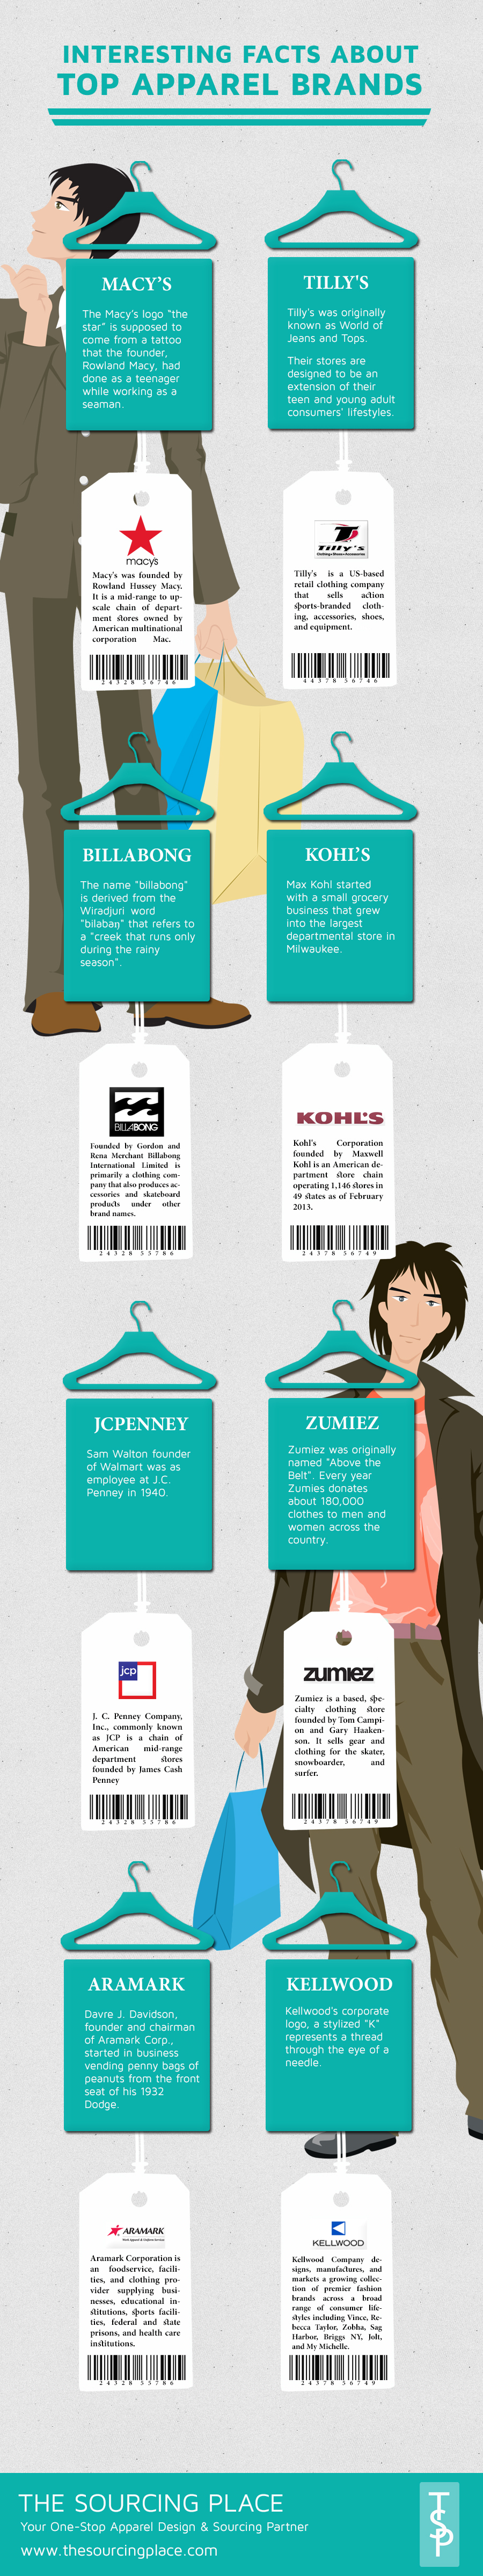 Top Apparel Brands